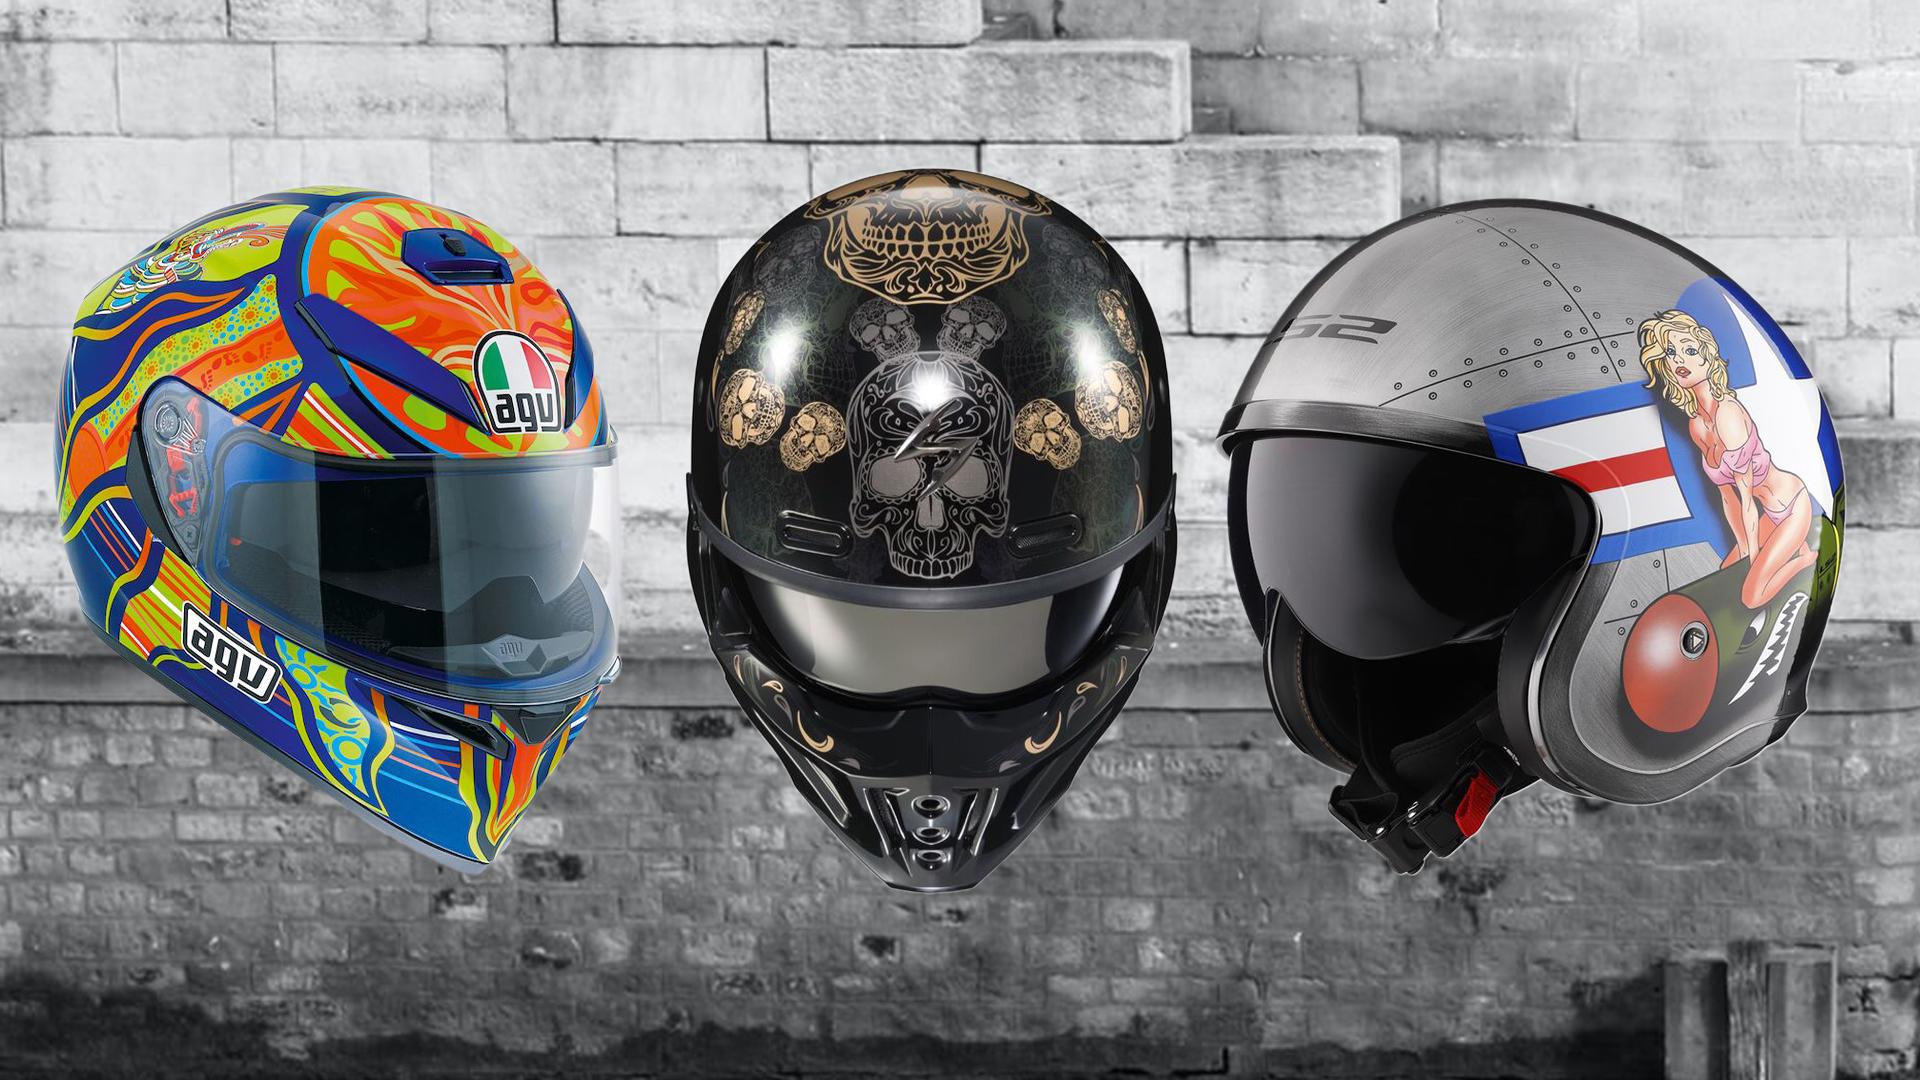 Best Graphic Helmets Under 500